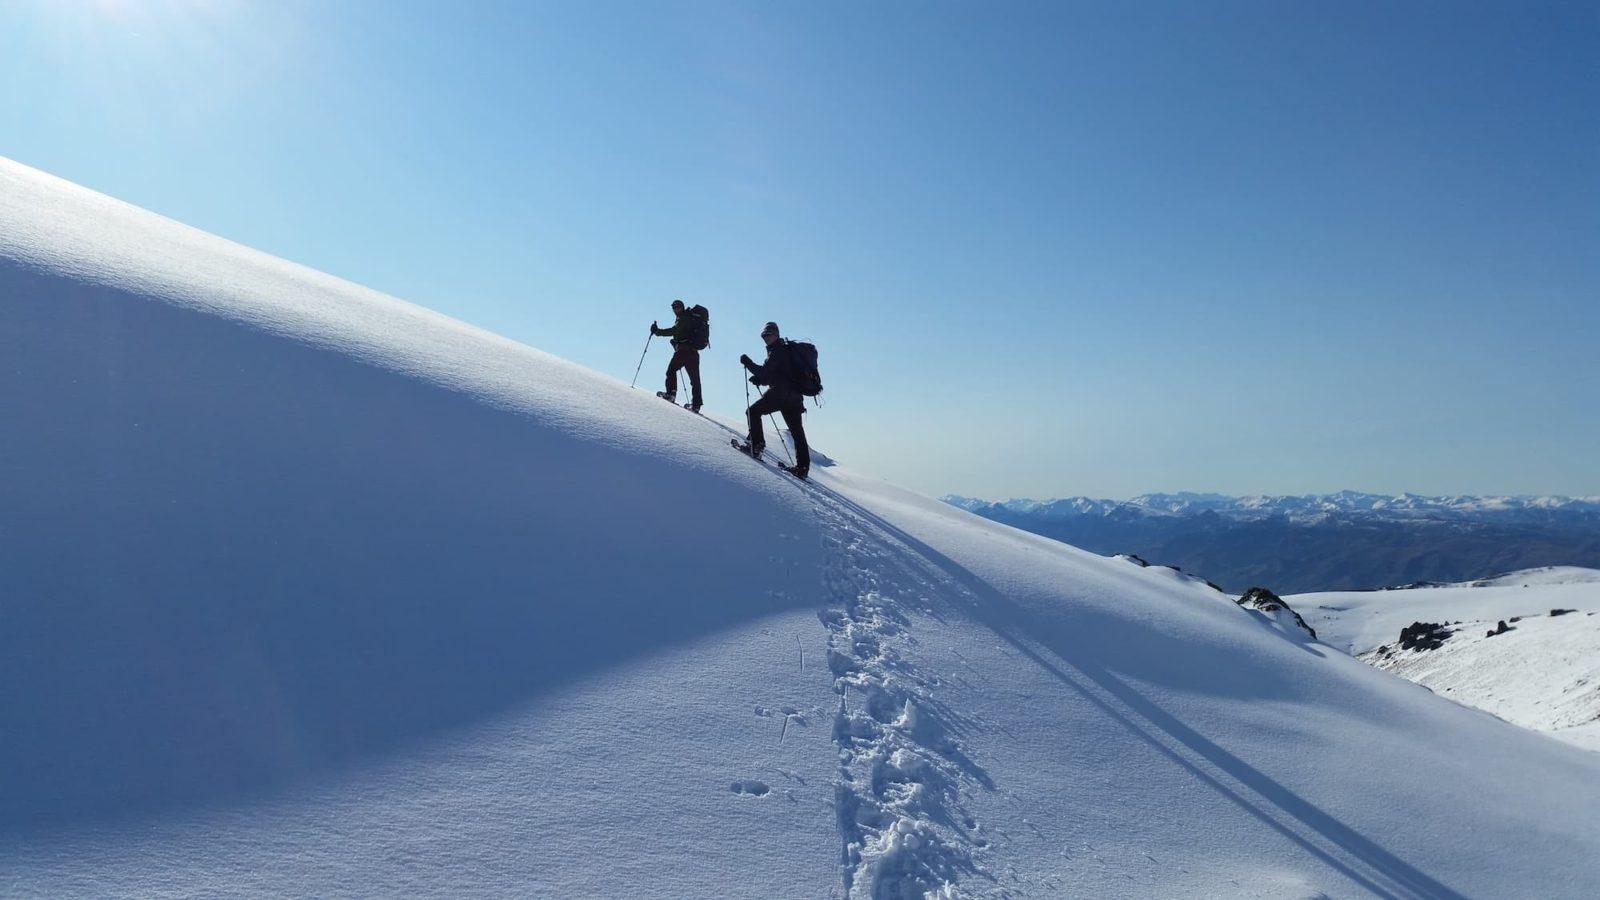 Photo tramping in avo terrain